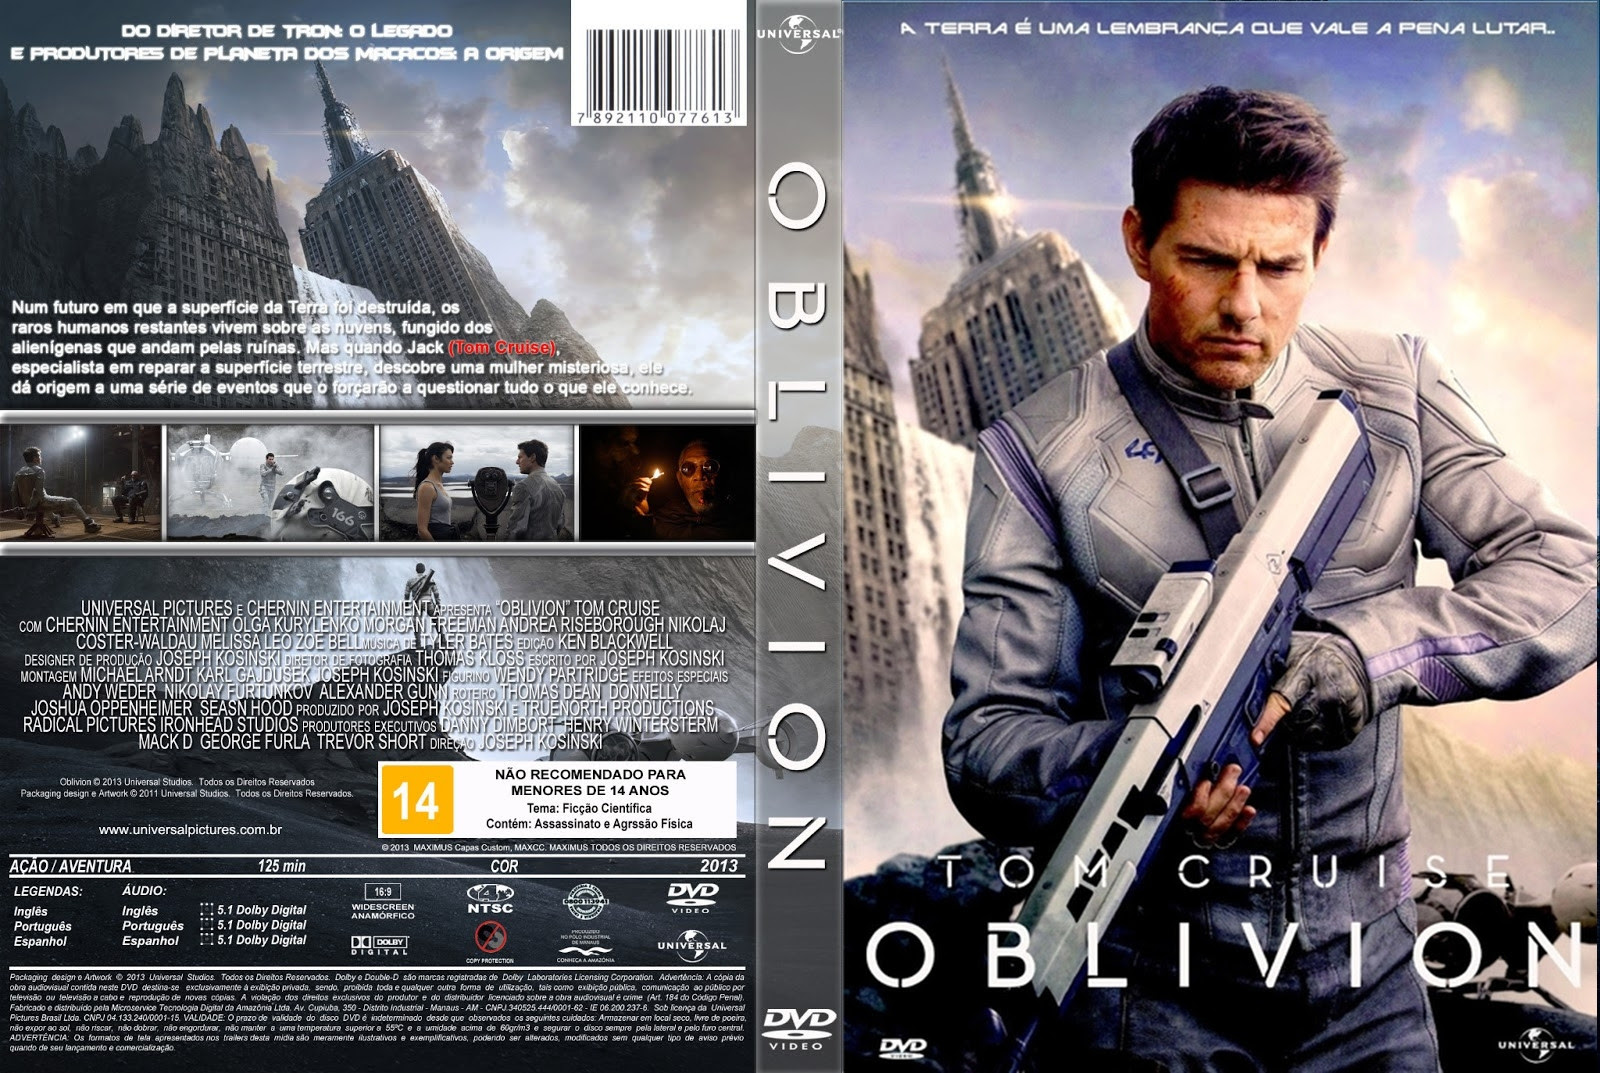 Oblivion Torrent - Dublado (2013)